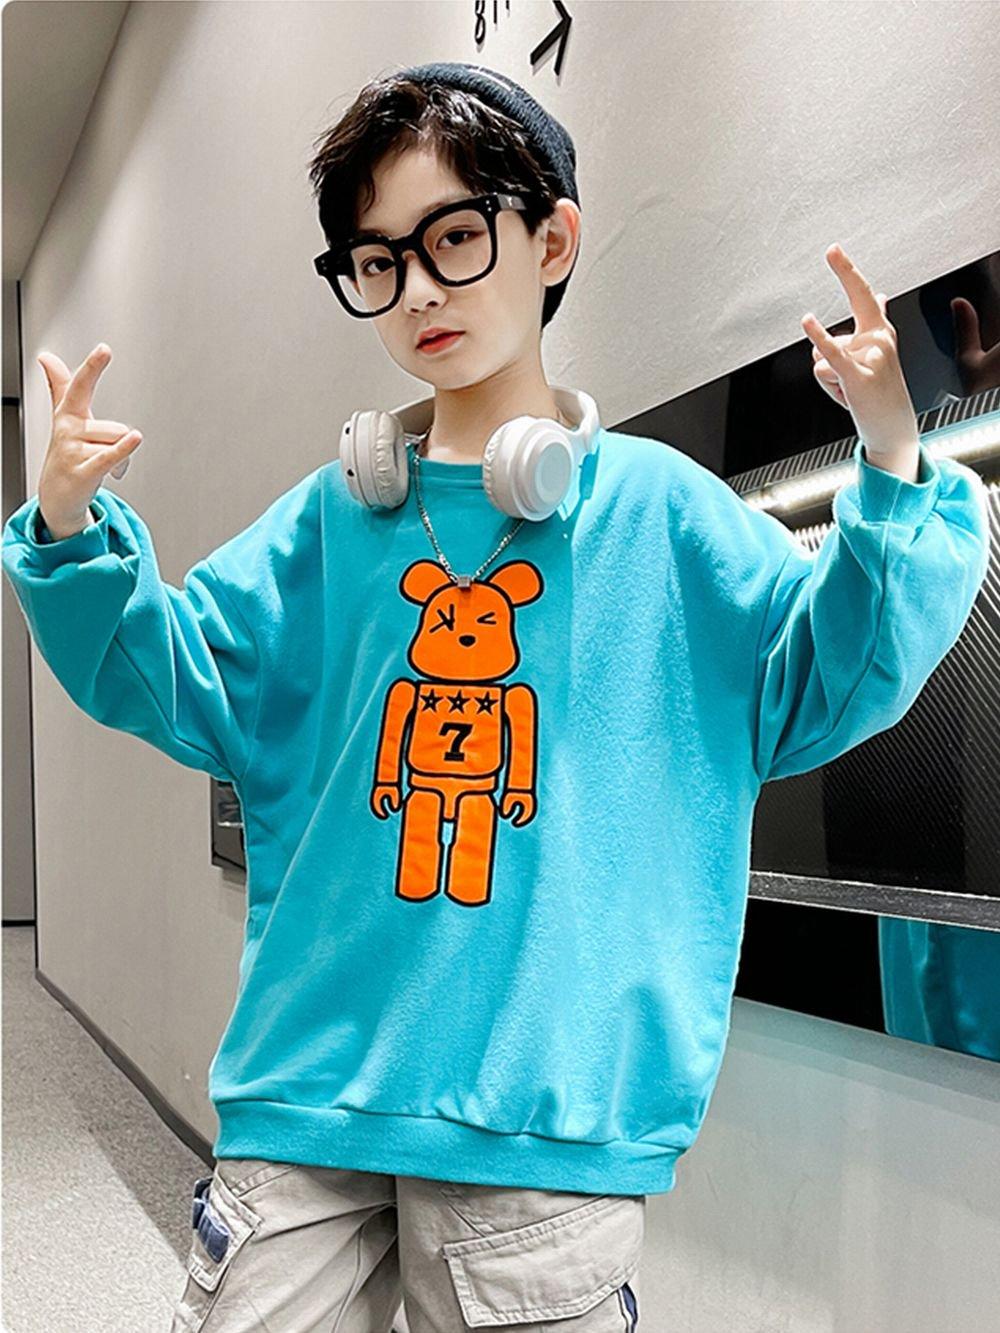 【広州仕入れ】ロボットクマキッズTシャツ